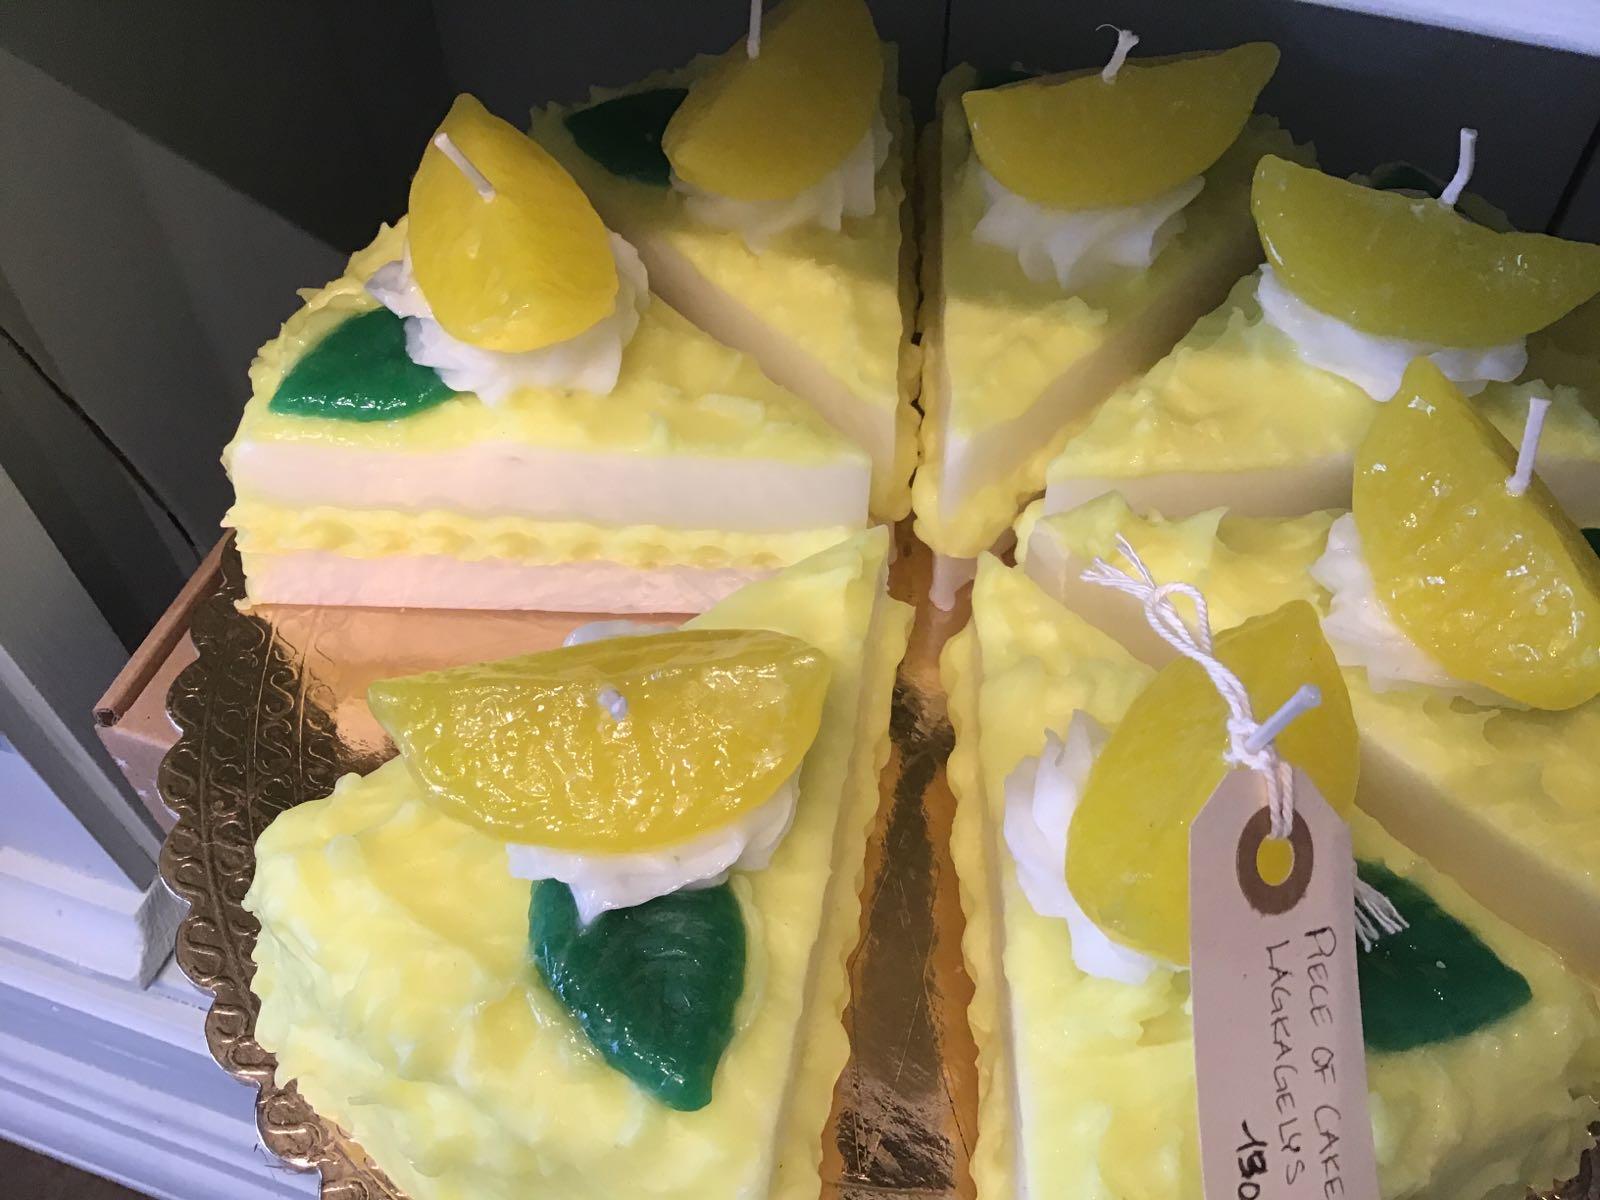 Piece of Cake, Lemon Tart